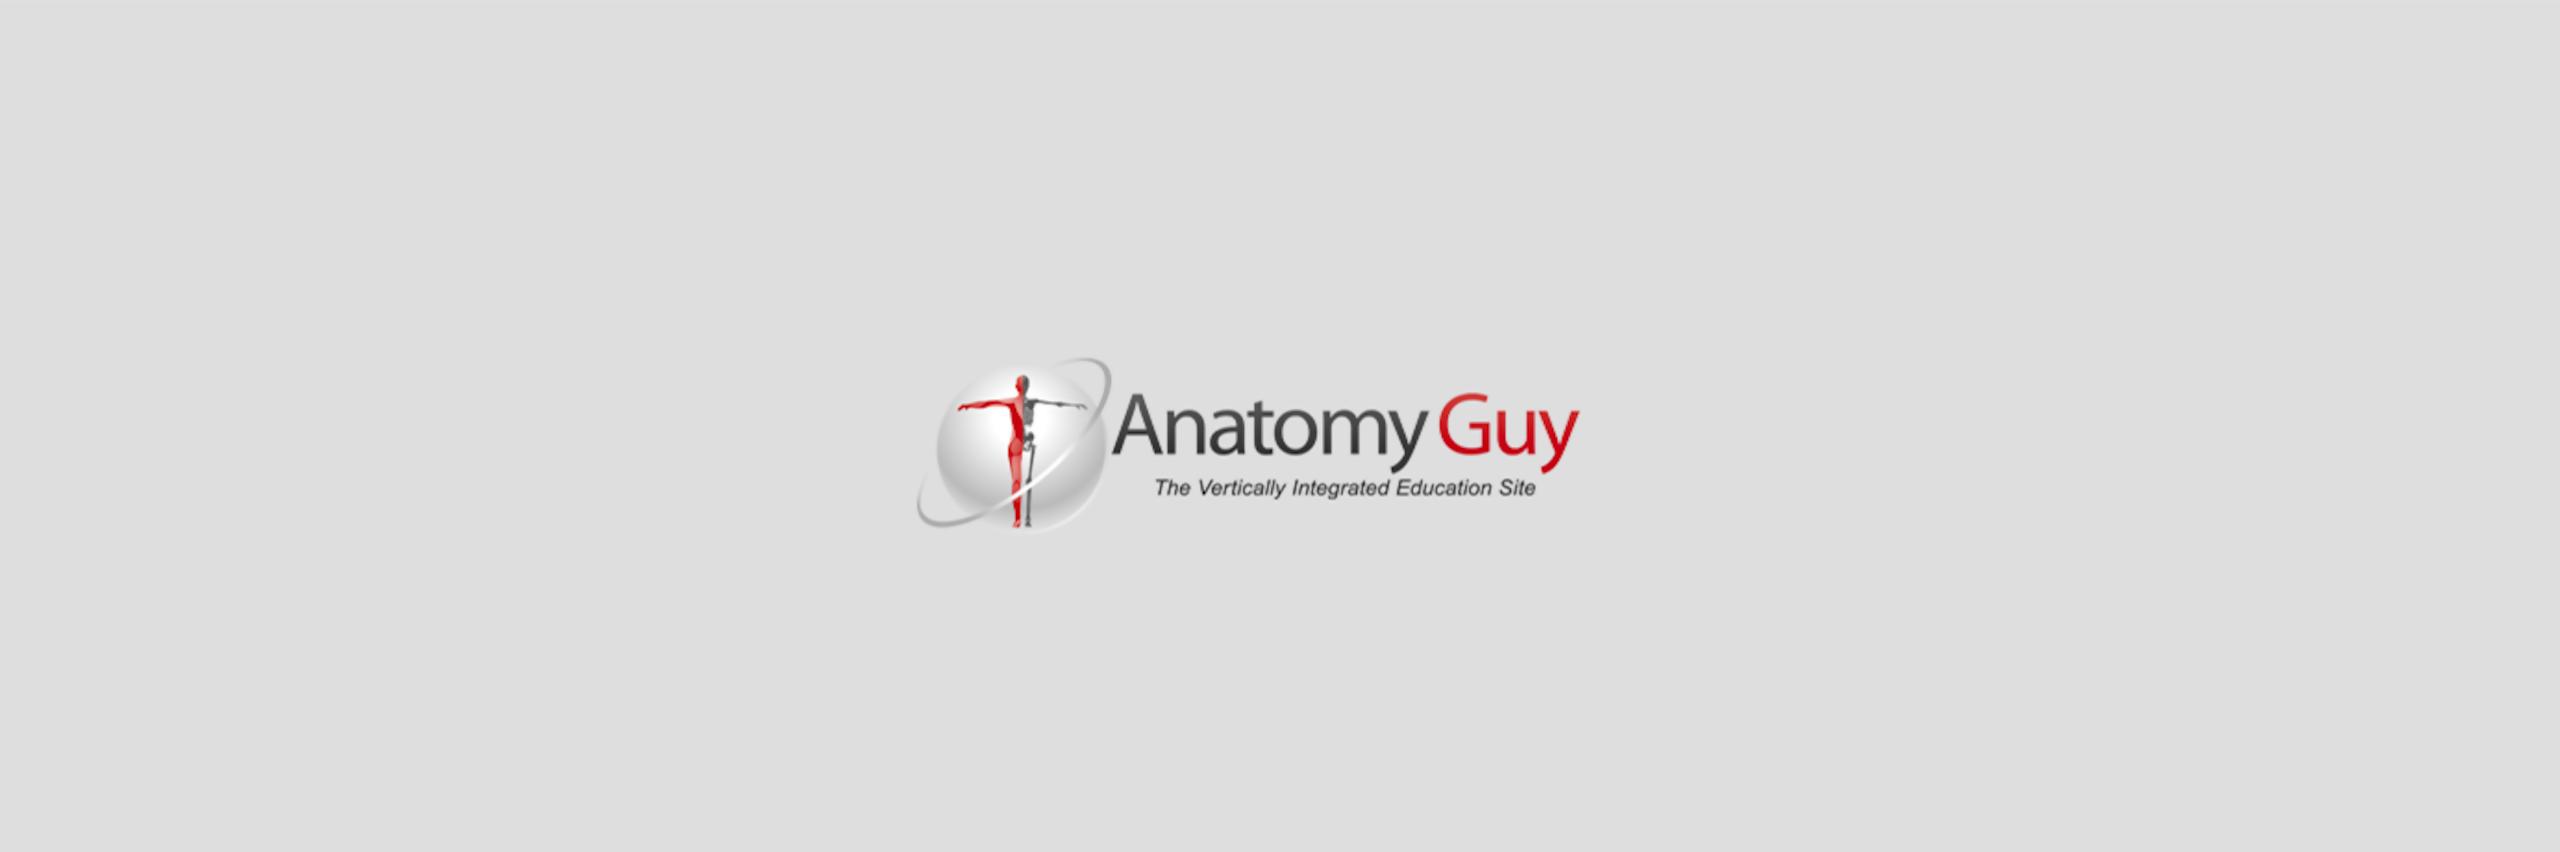 Anatomy Guy